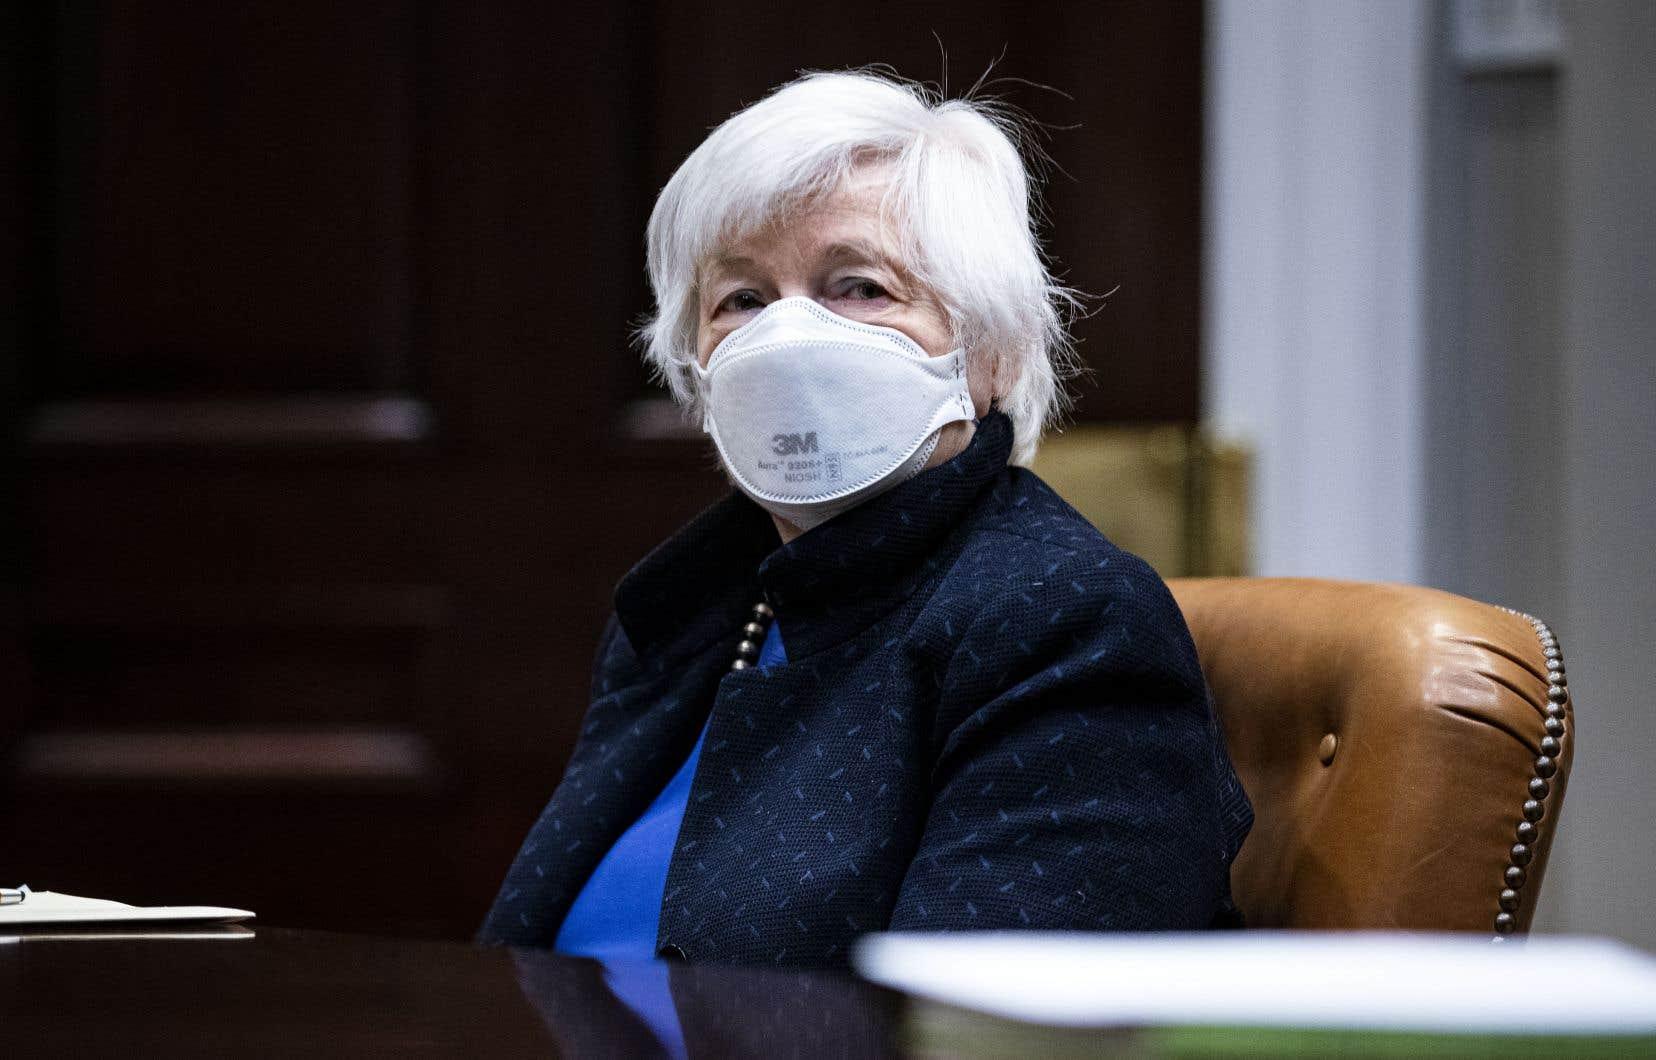 La secrétaire au Trésor américain, Janet Yellen, a fait savoir cette semaine que le gouvernement Biden entendait travailler à la mise en place d'un taux d'imposition minimum mondial pour les grandes entreprises.